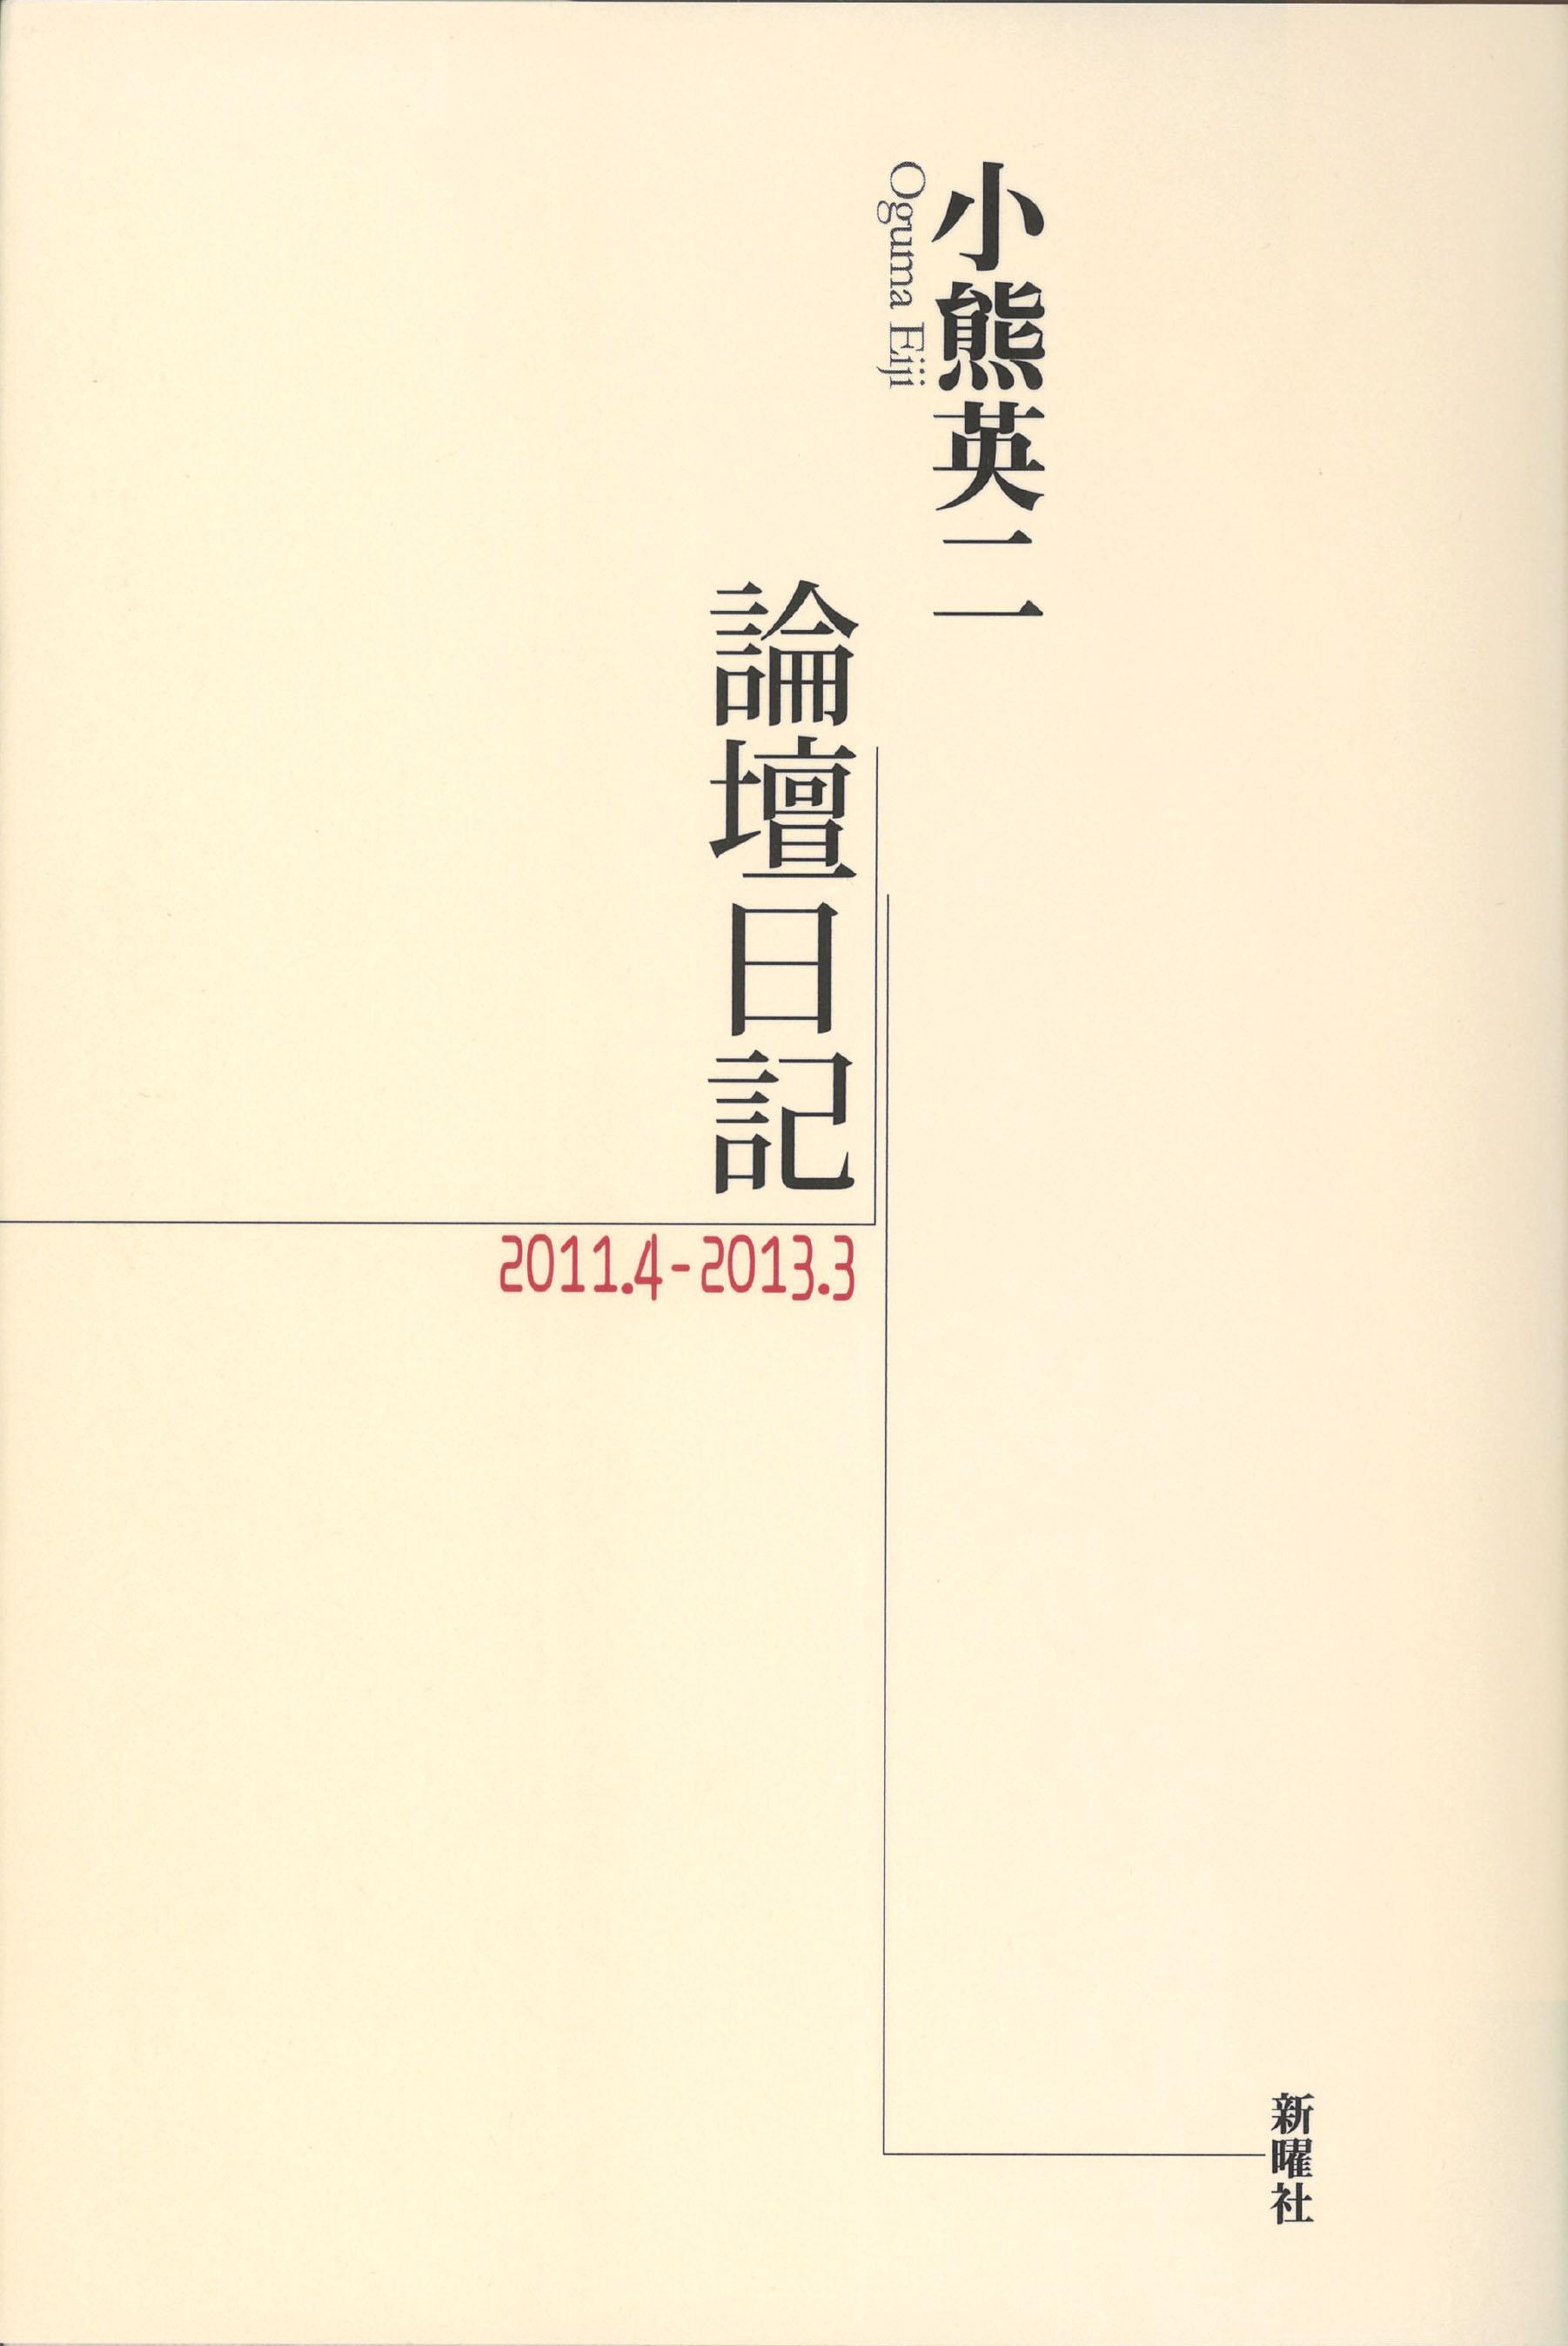 論壇日記 2011.4ー2013.3